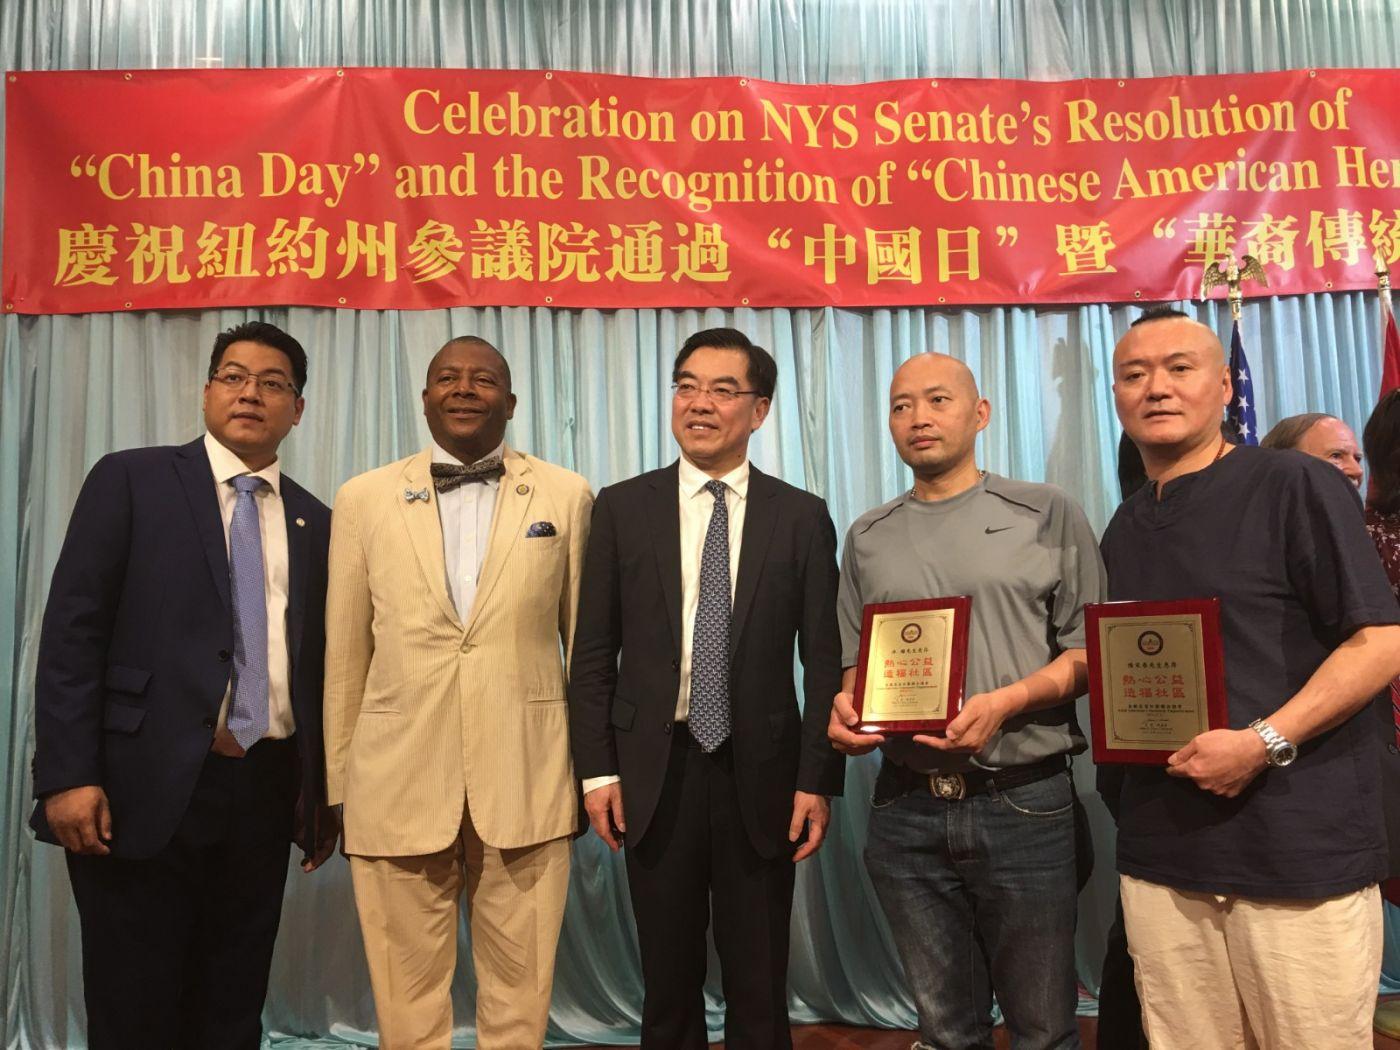 紐約州參議院通過「中國日」決議案慶祝会在紐約舉行_图1-37